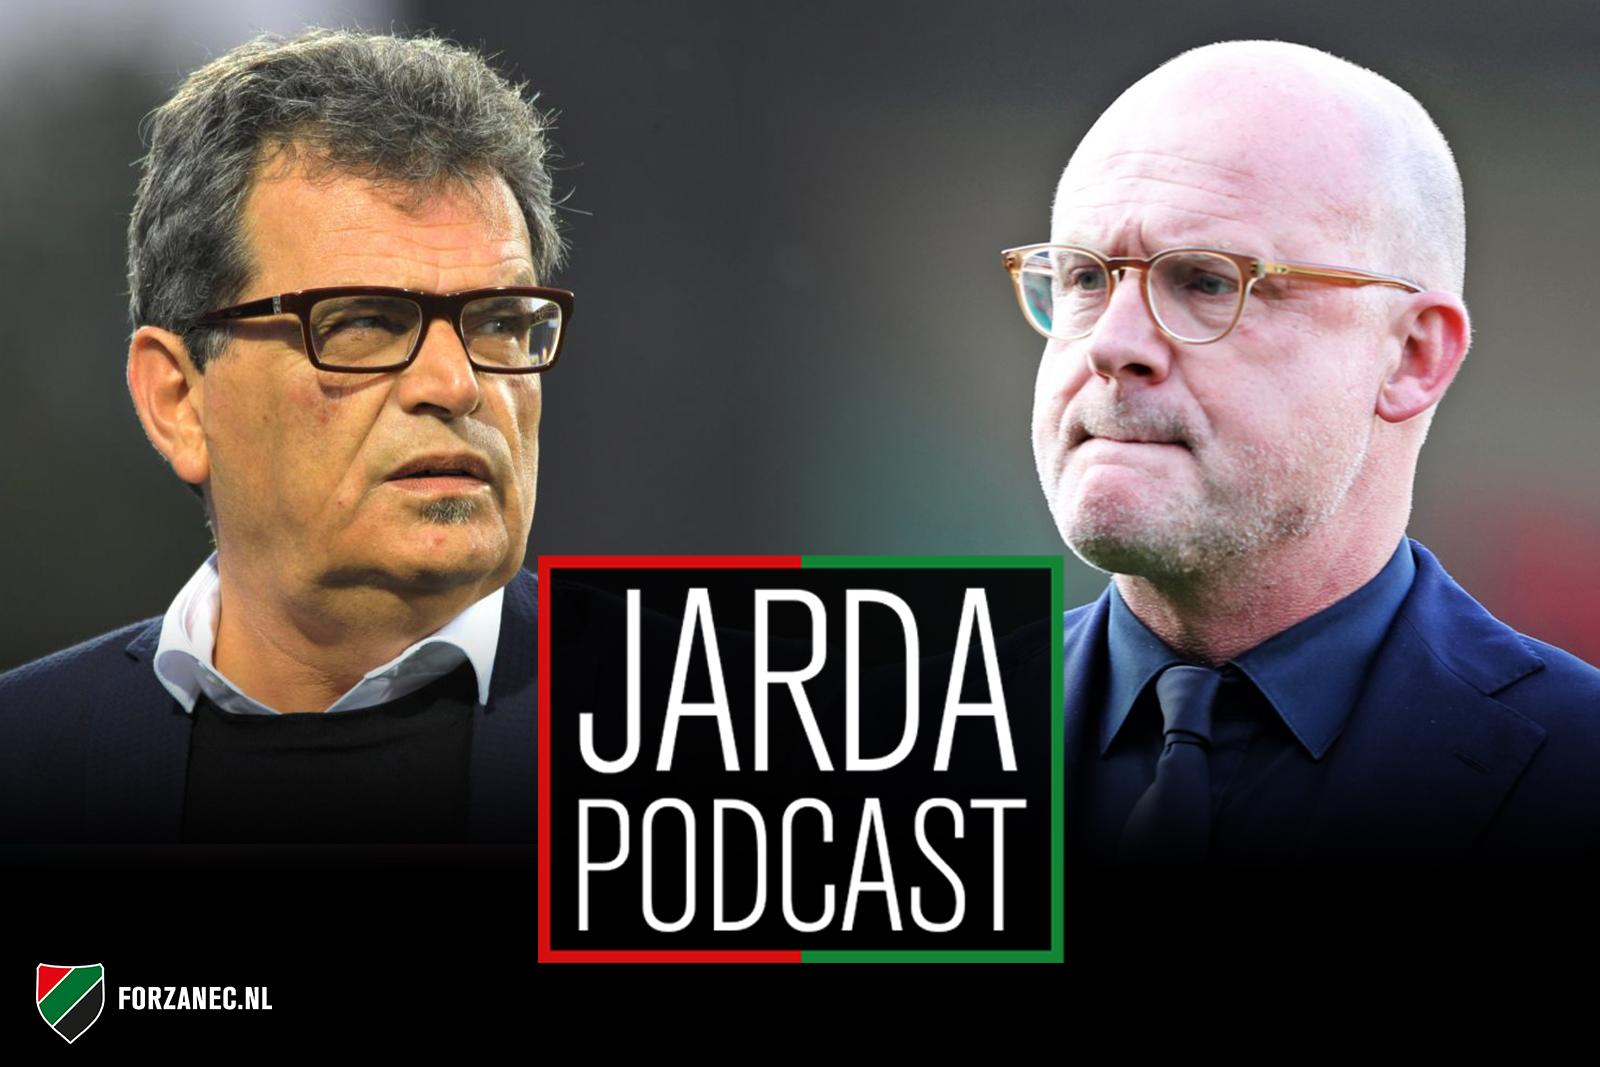 Jarda Podcast: Alles over de aanstelling van Ted van Leeuwen